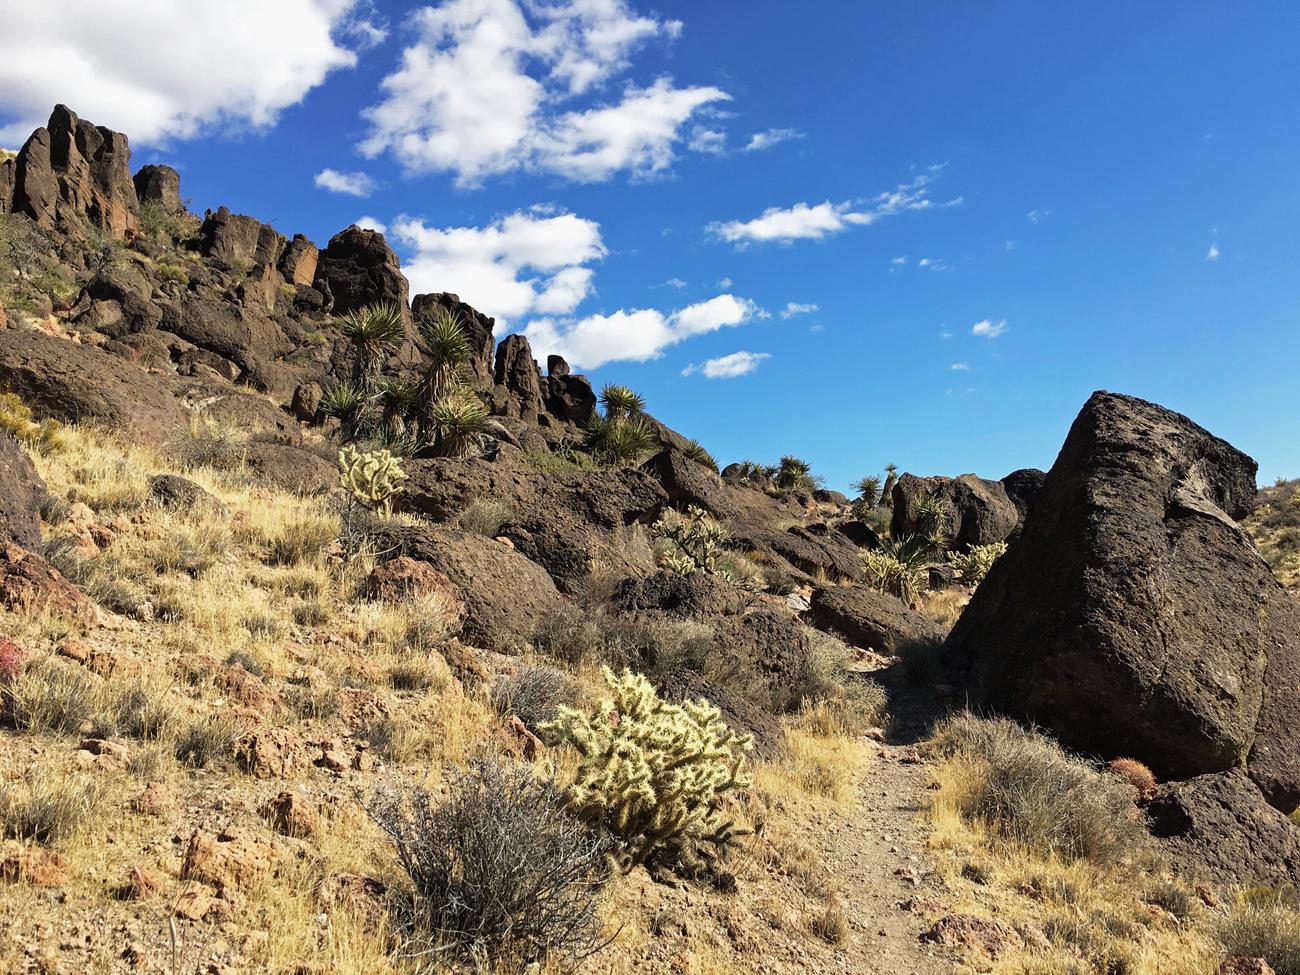 Barber Peak Loop Trail as it winds through some dark brown rock formations